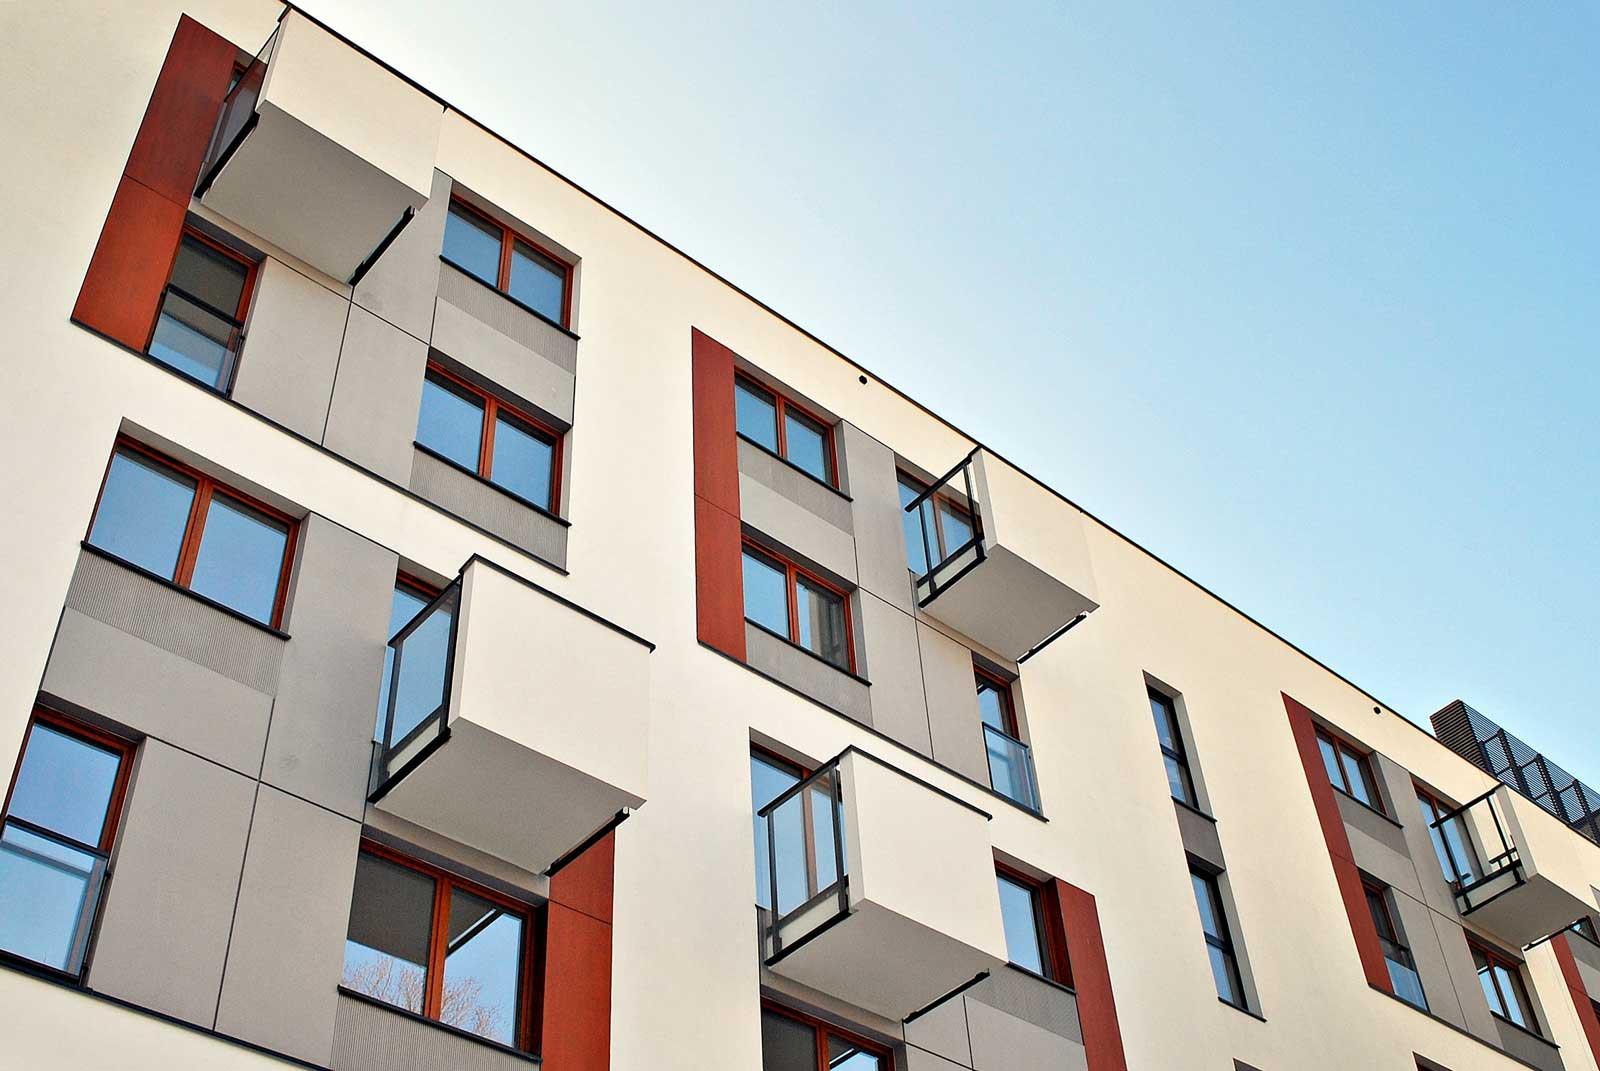 aluminium windows trade st albans